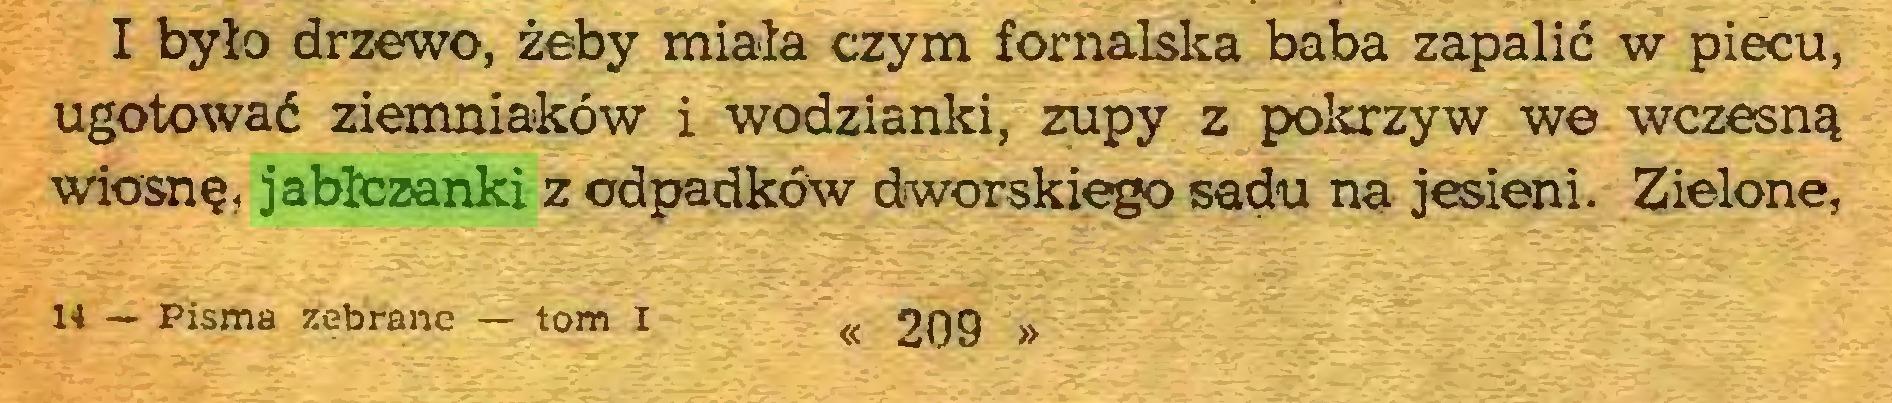 (...) I było drzewo, żeby miała czym fornalska baba zapalić w piecu, ugotować ziemniaków i wodzianki, zupy z pokrzyw we wczesną wiosnę, jabłczanki z odpadków dworskiego sadu na jesieni. Zielone, 14 — Pisma zebrane — tom I « 209 »...